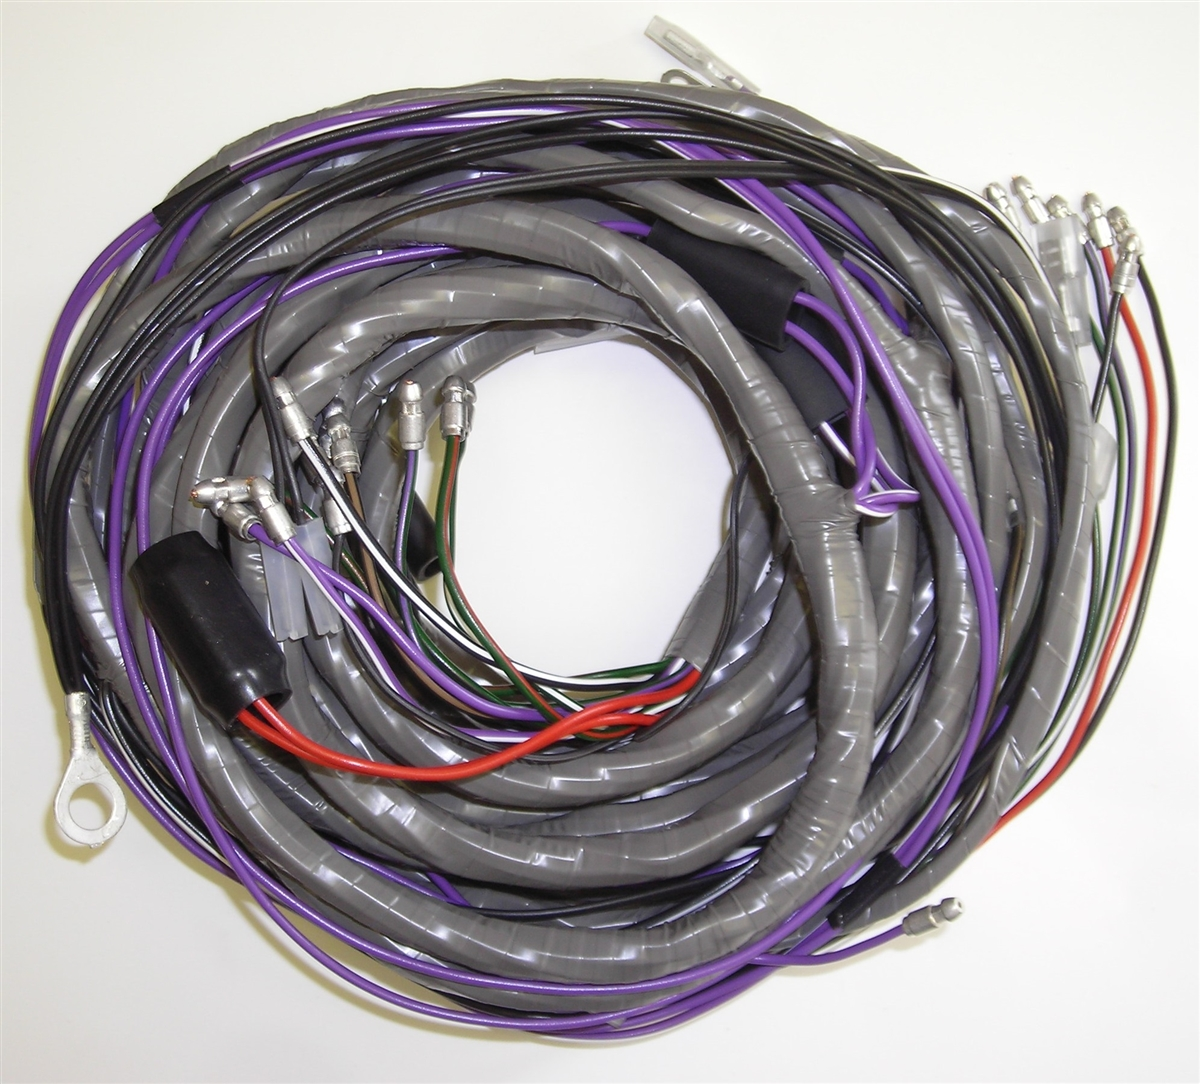 lotus elan 2s 1969 on body wiring harness rh britishwiring com Home Generator Wiring Diagram onan 4000 generator wiring harness